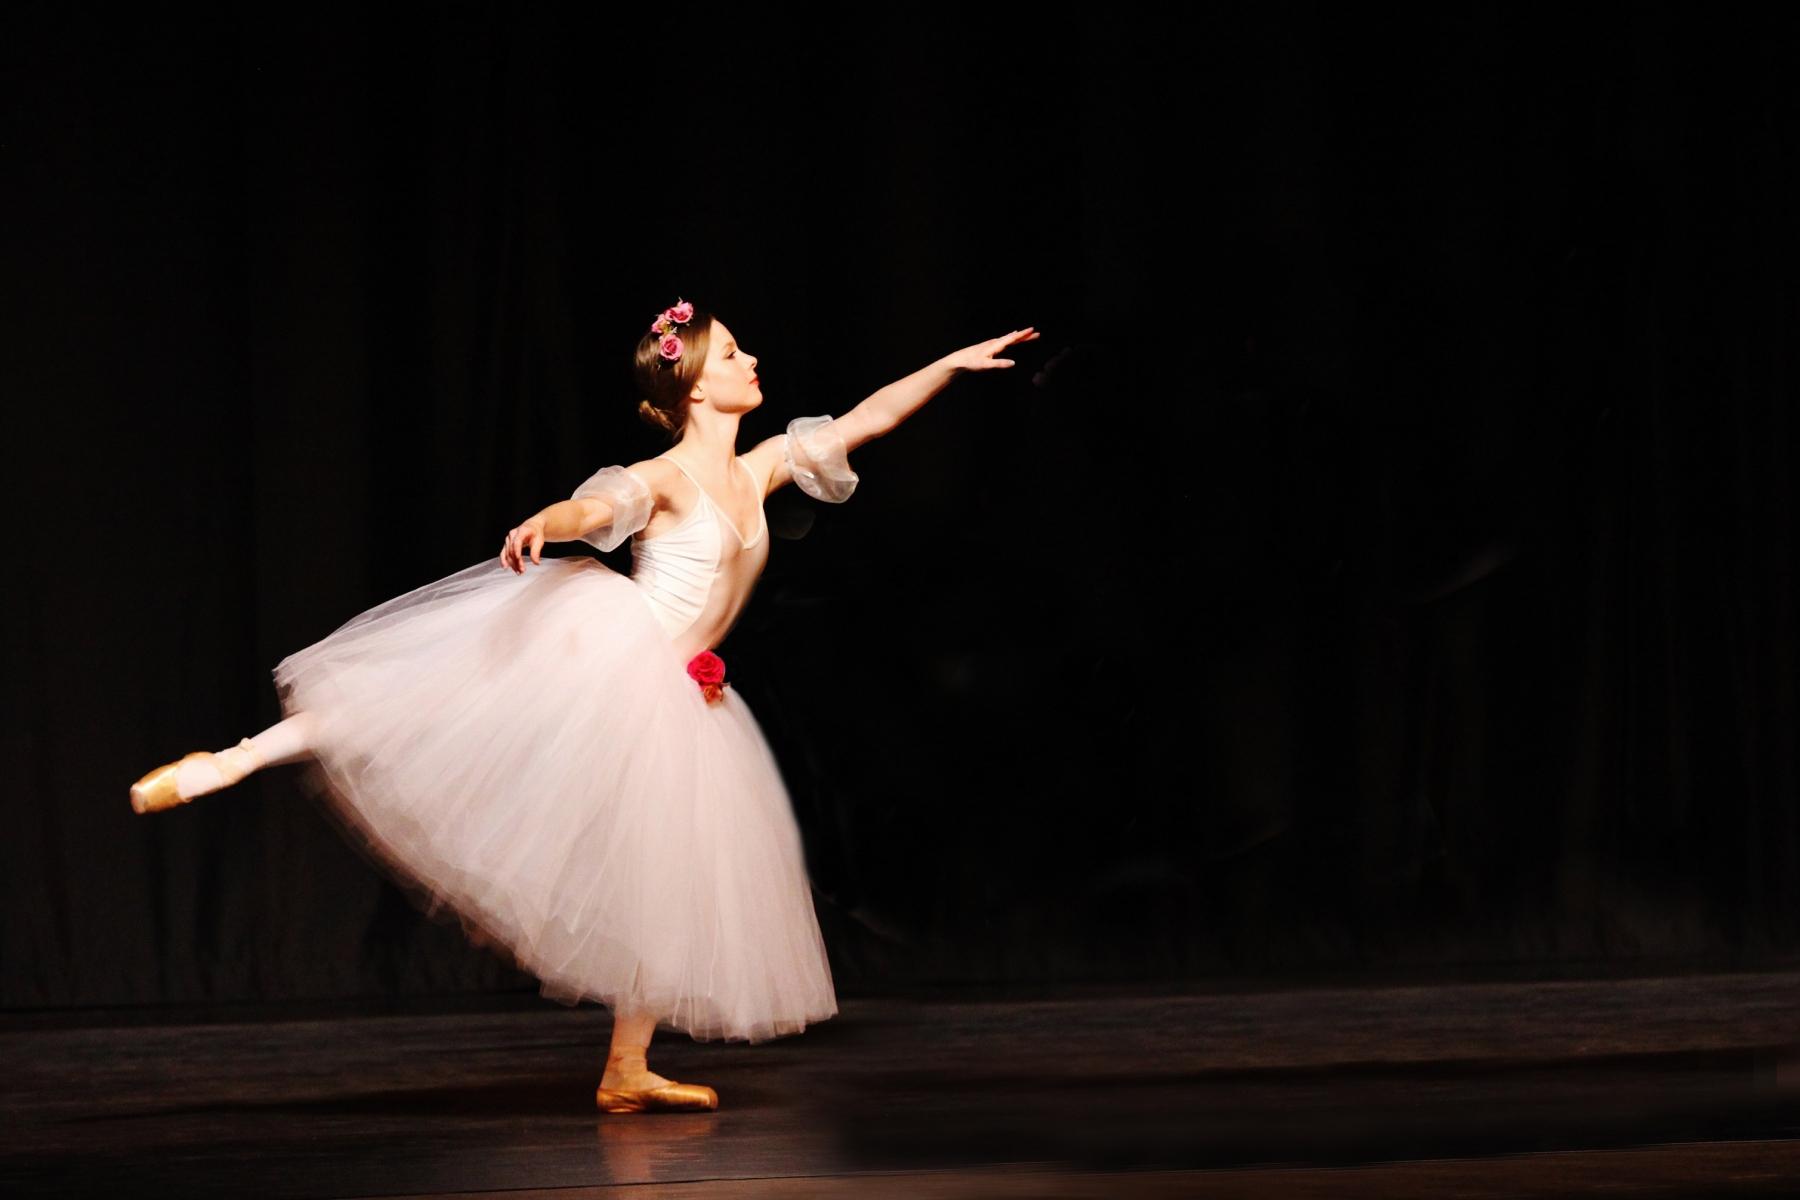 Ballerina 19